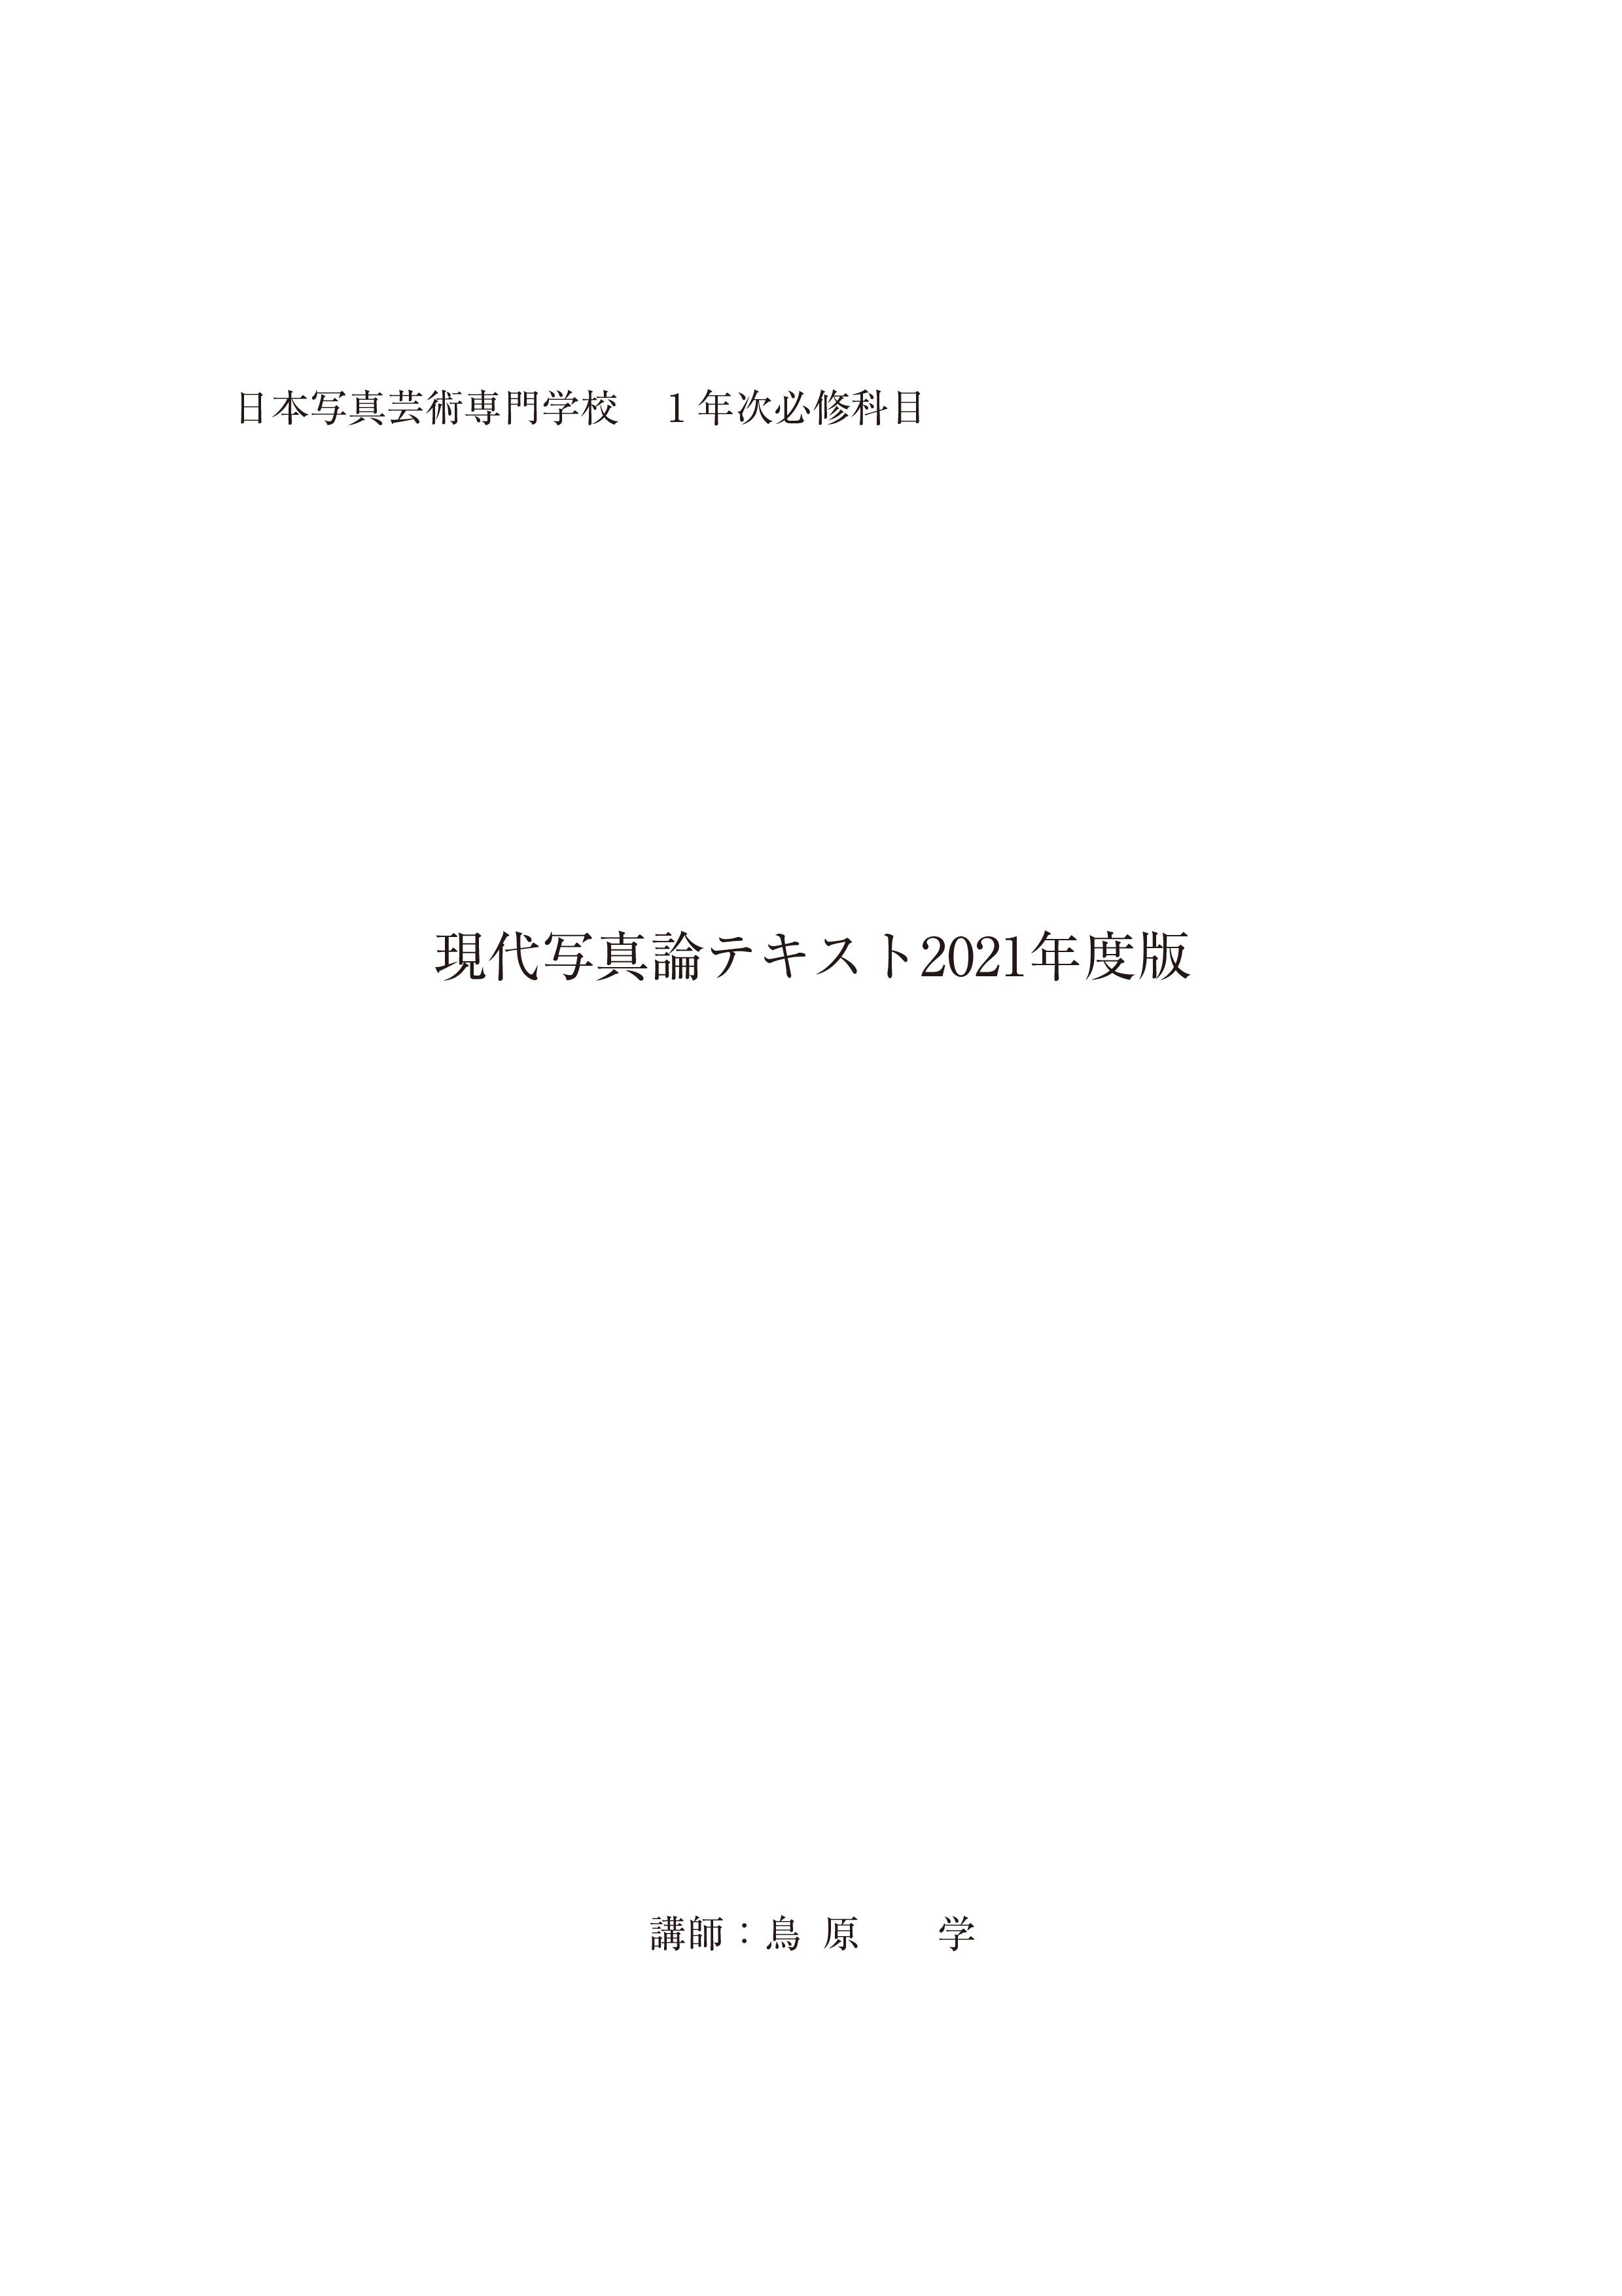 日本写真芸術専門学校 1年次必修科目「現代写真論」テキスト